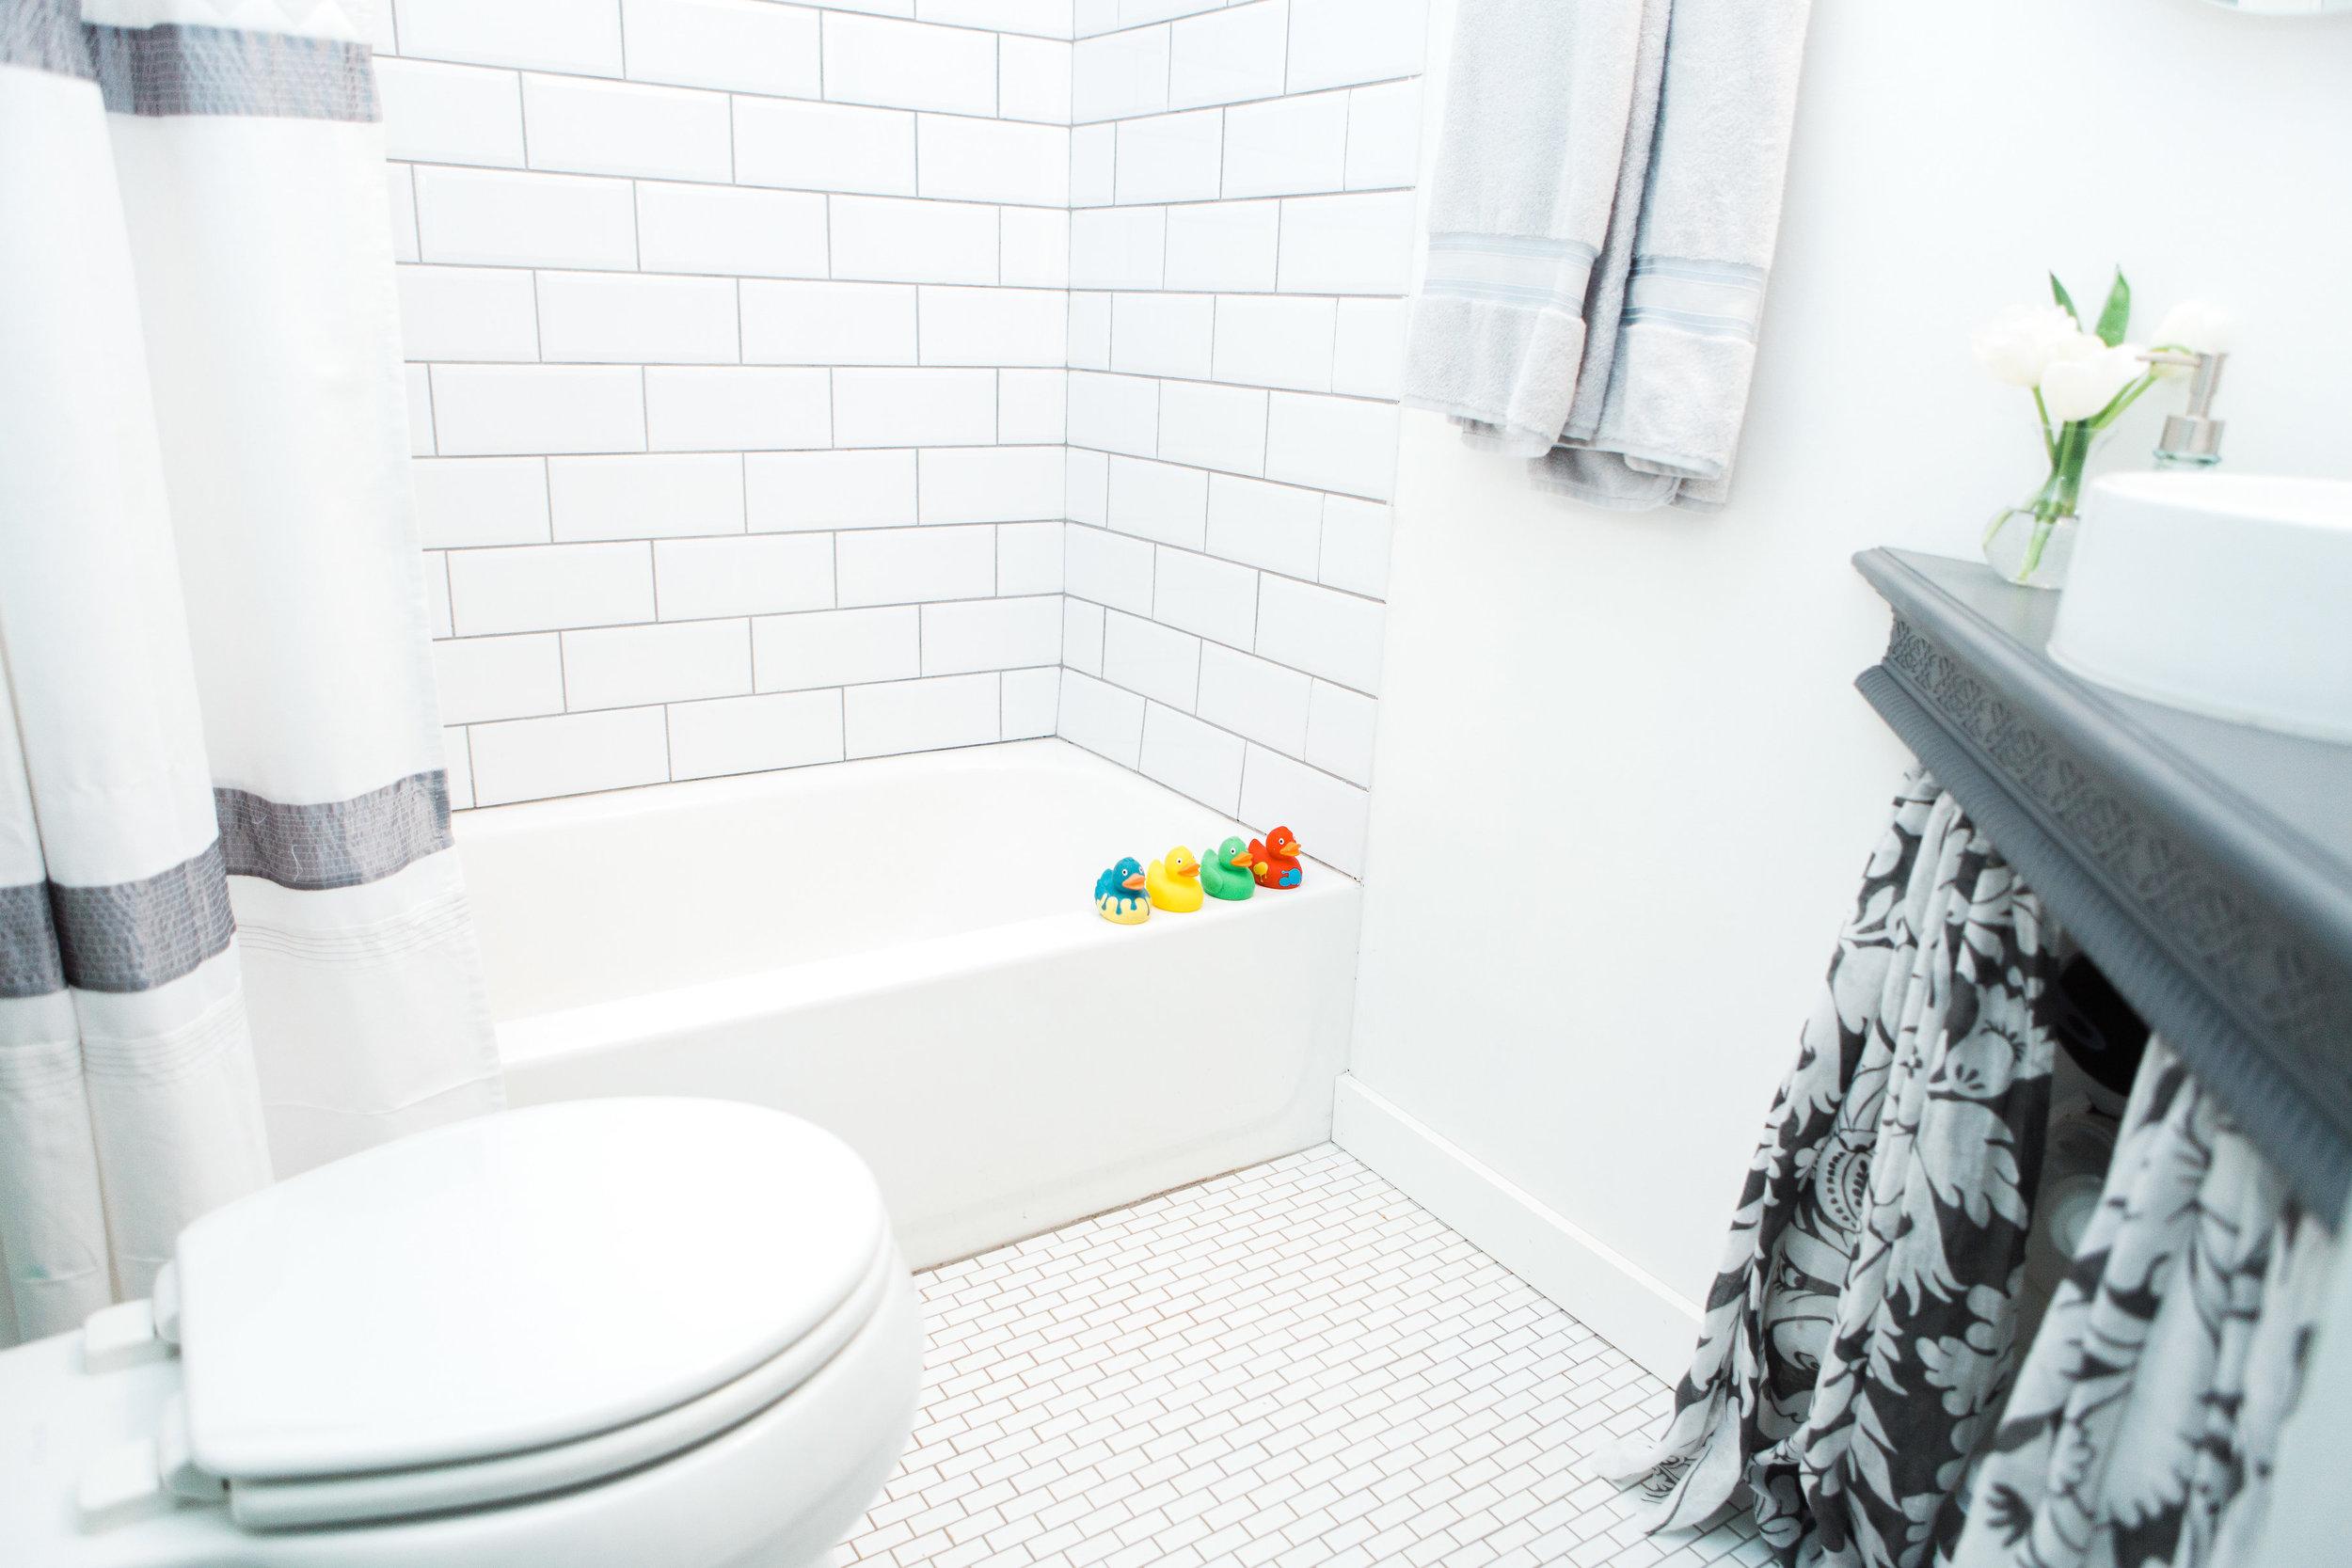 Houzz Upstairs Bath Duckies 1.jpg